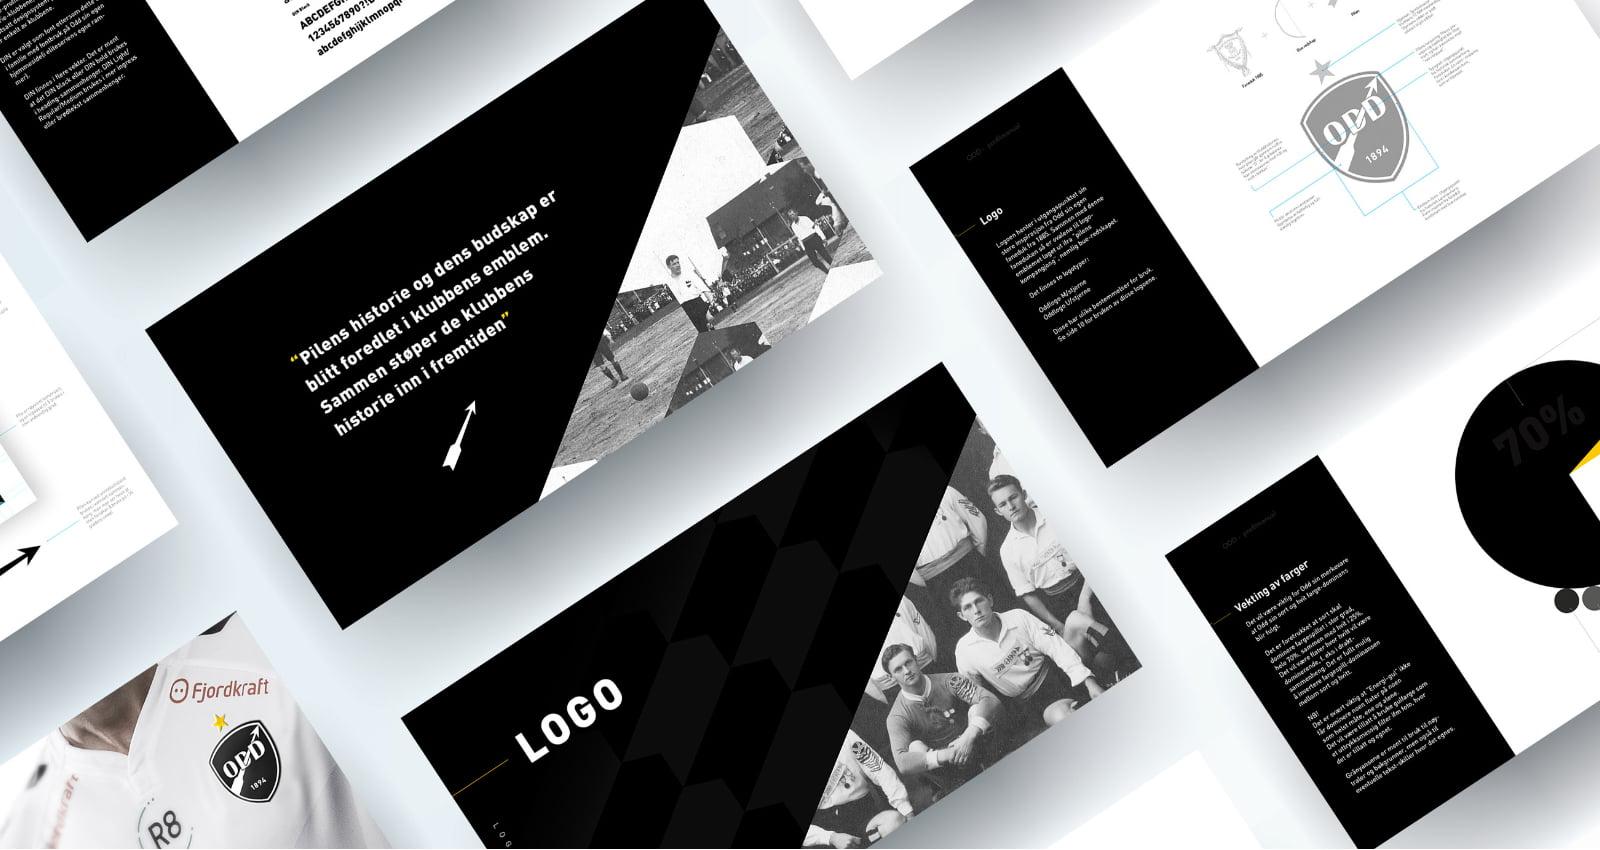 Fjuz Kommunikasjon lager profil for Odd bilde av Profilmanaul slides